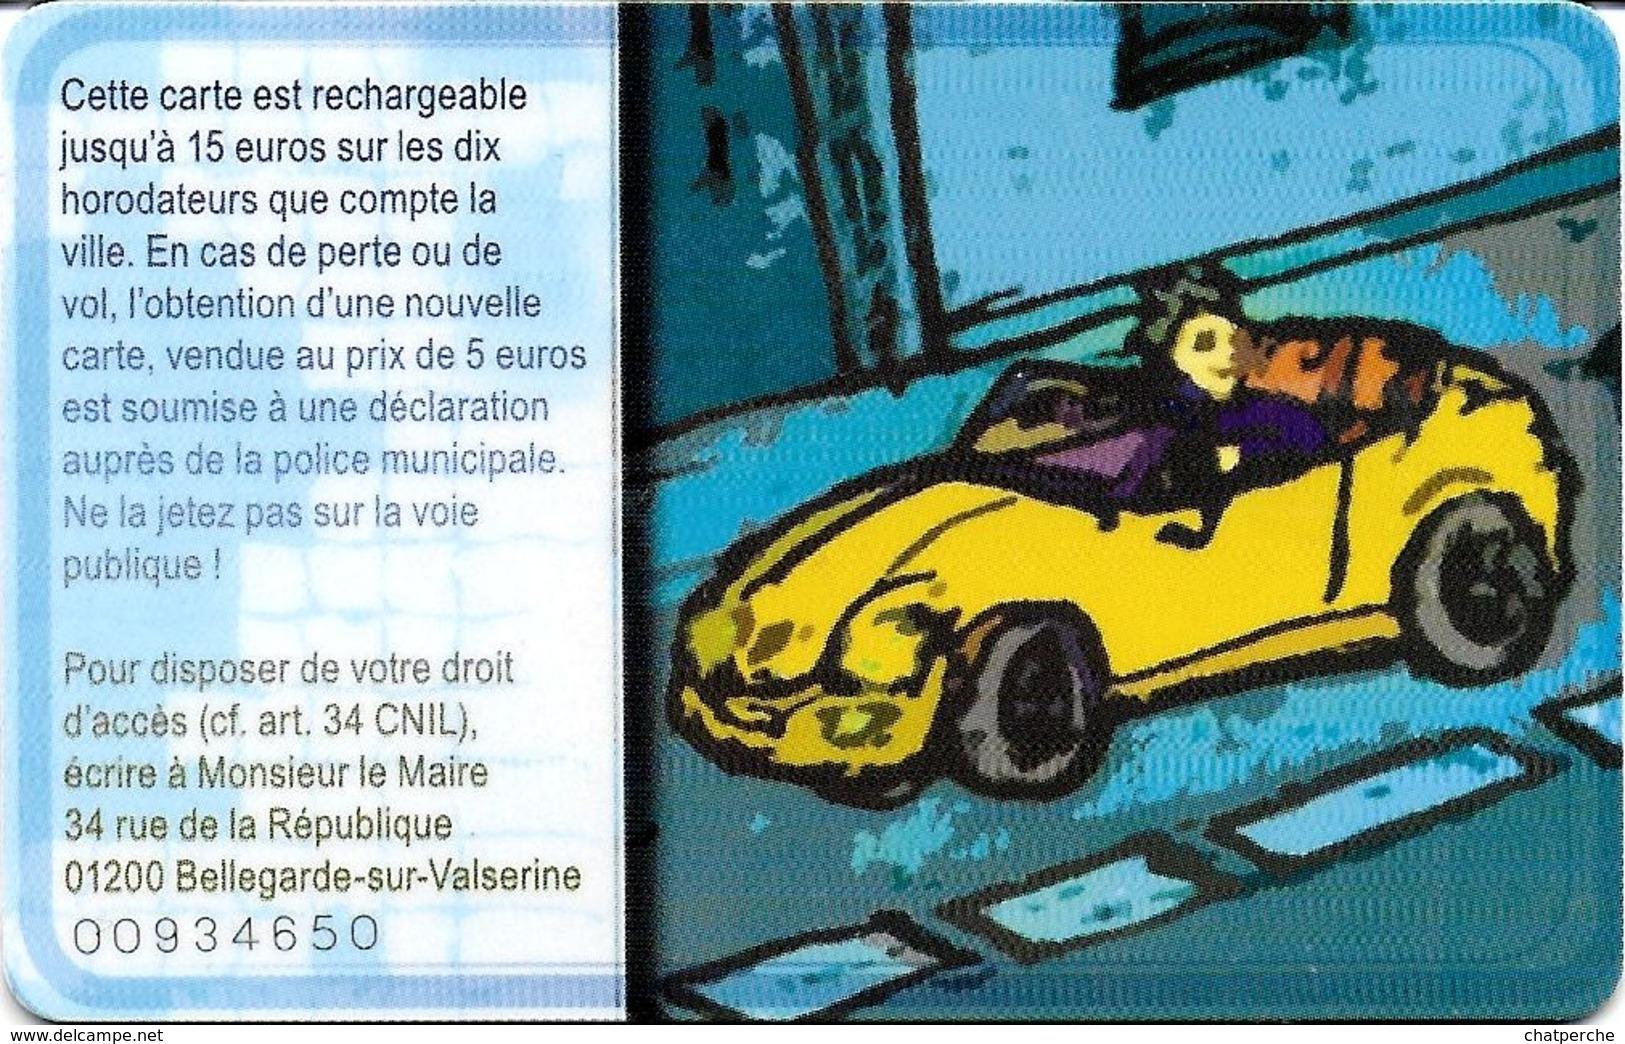 CARTE DE STATIONNEMENT CHIP CAR CARTE A PUCE STATIONNEZ FUTÉ A BELLEGARDE SUR VALSERINE 01 AIN - Francia